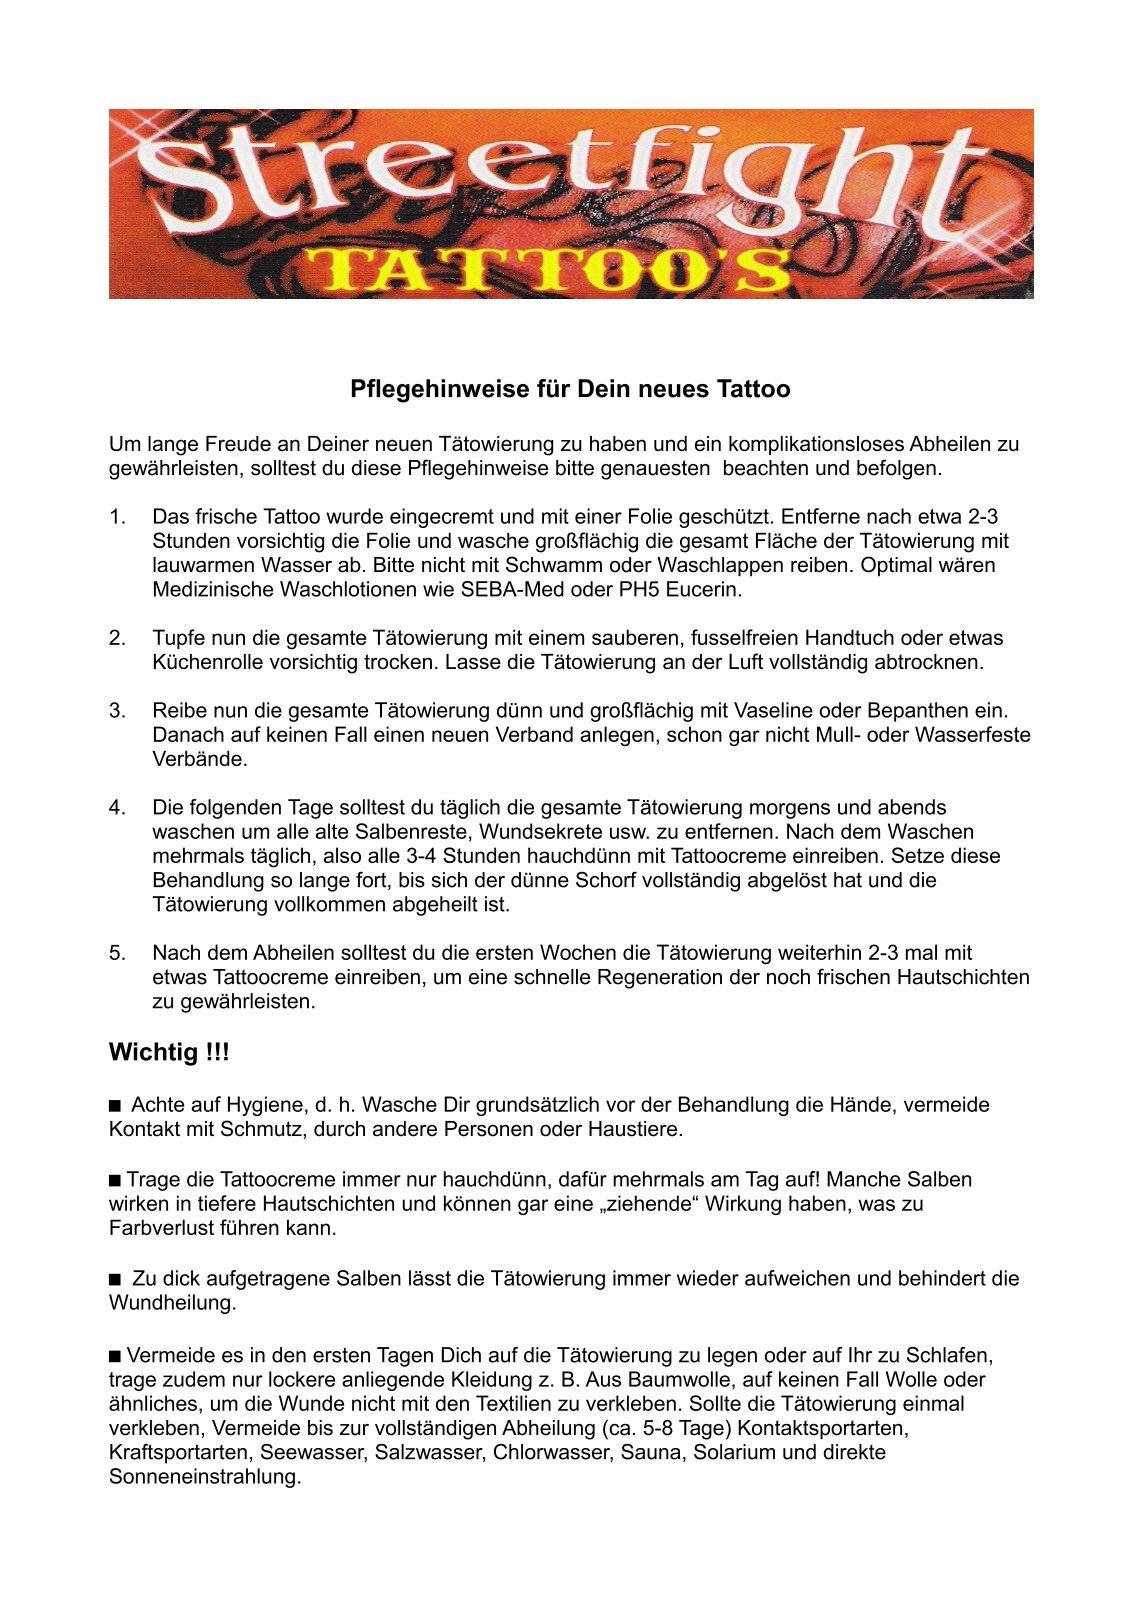 Faszinierend Tattoo Folie Entfernen Foto Von Streetfight.tattoo.de